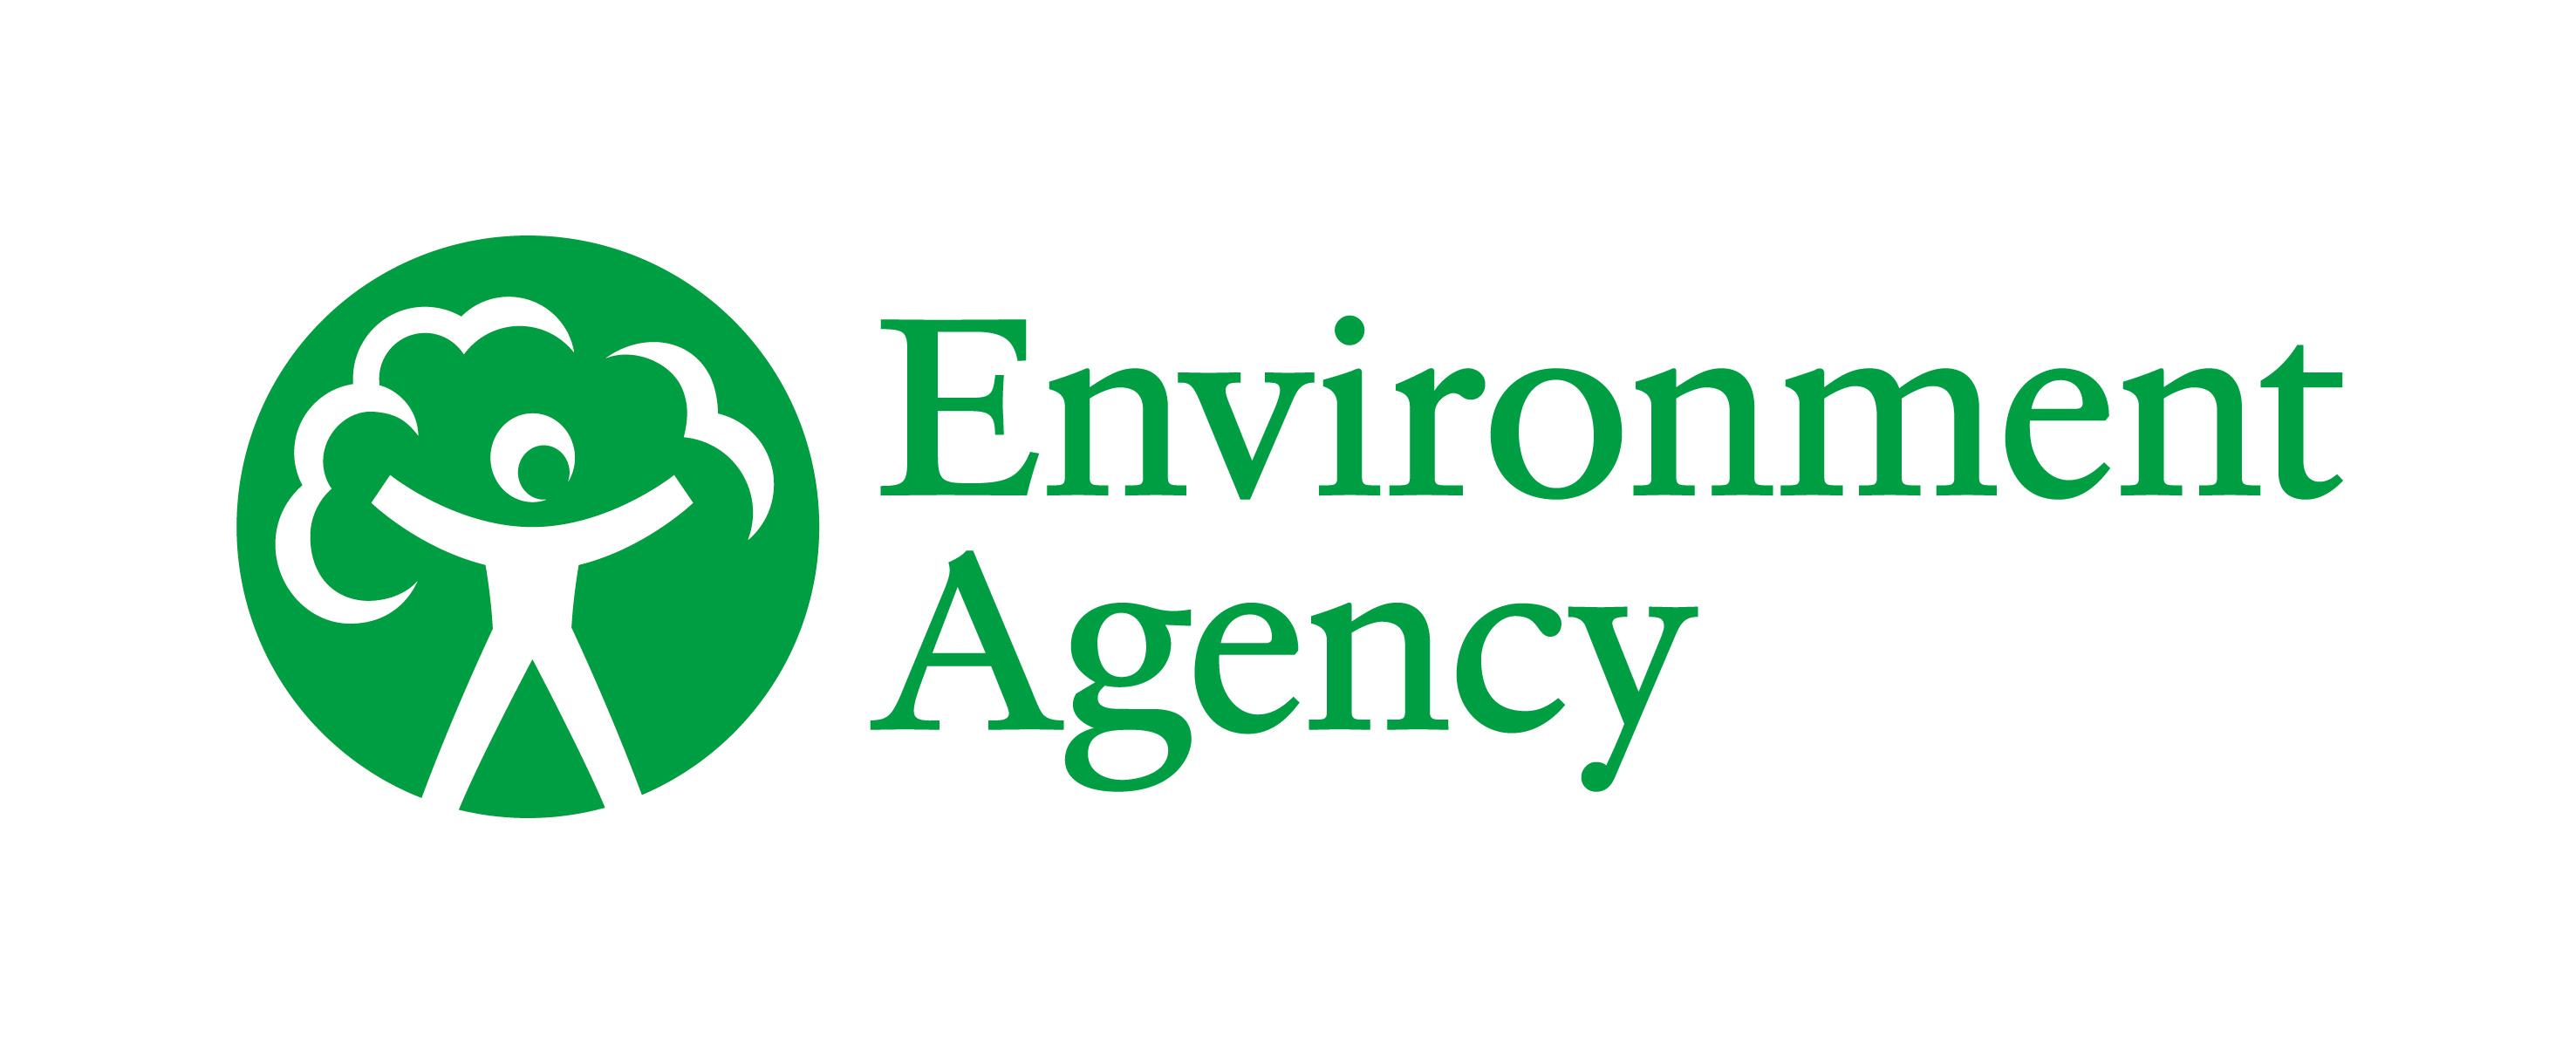 Derbyshire Fascias Licensed Waste Carriers